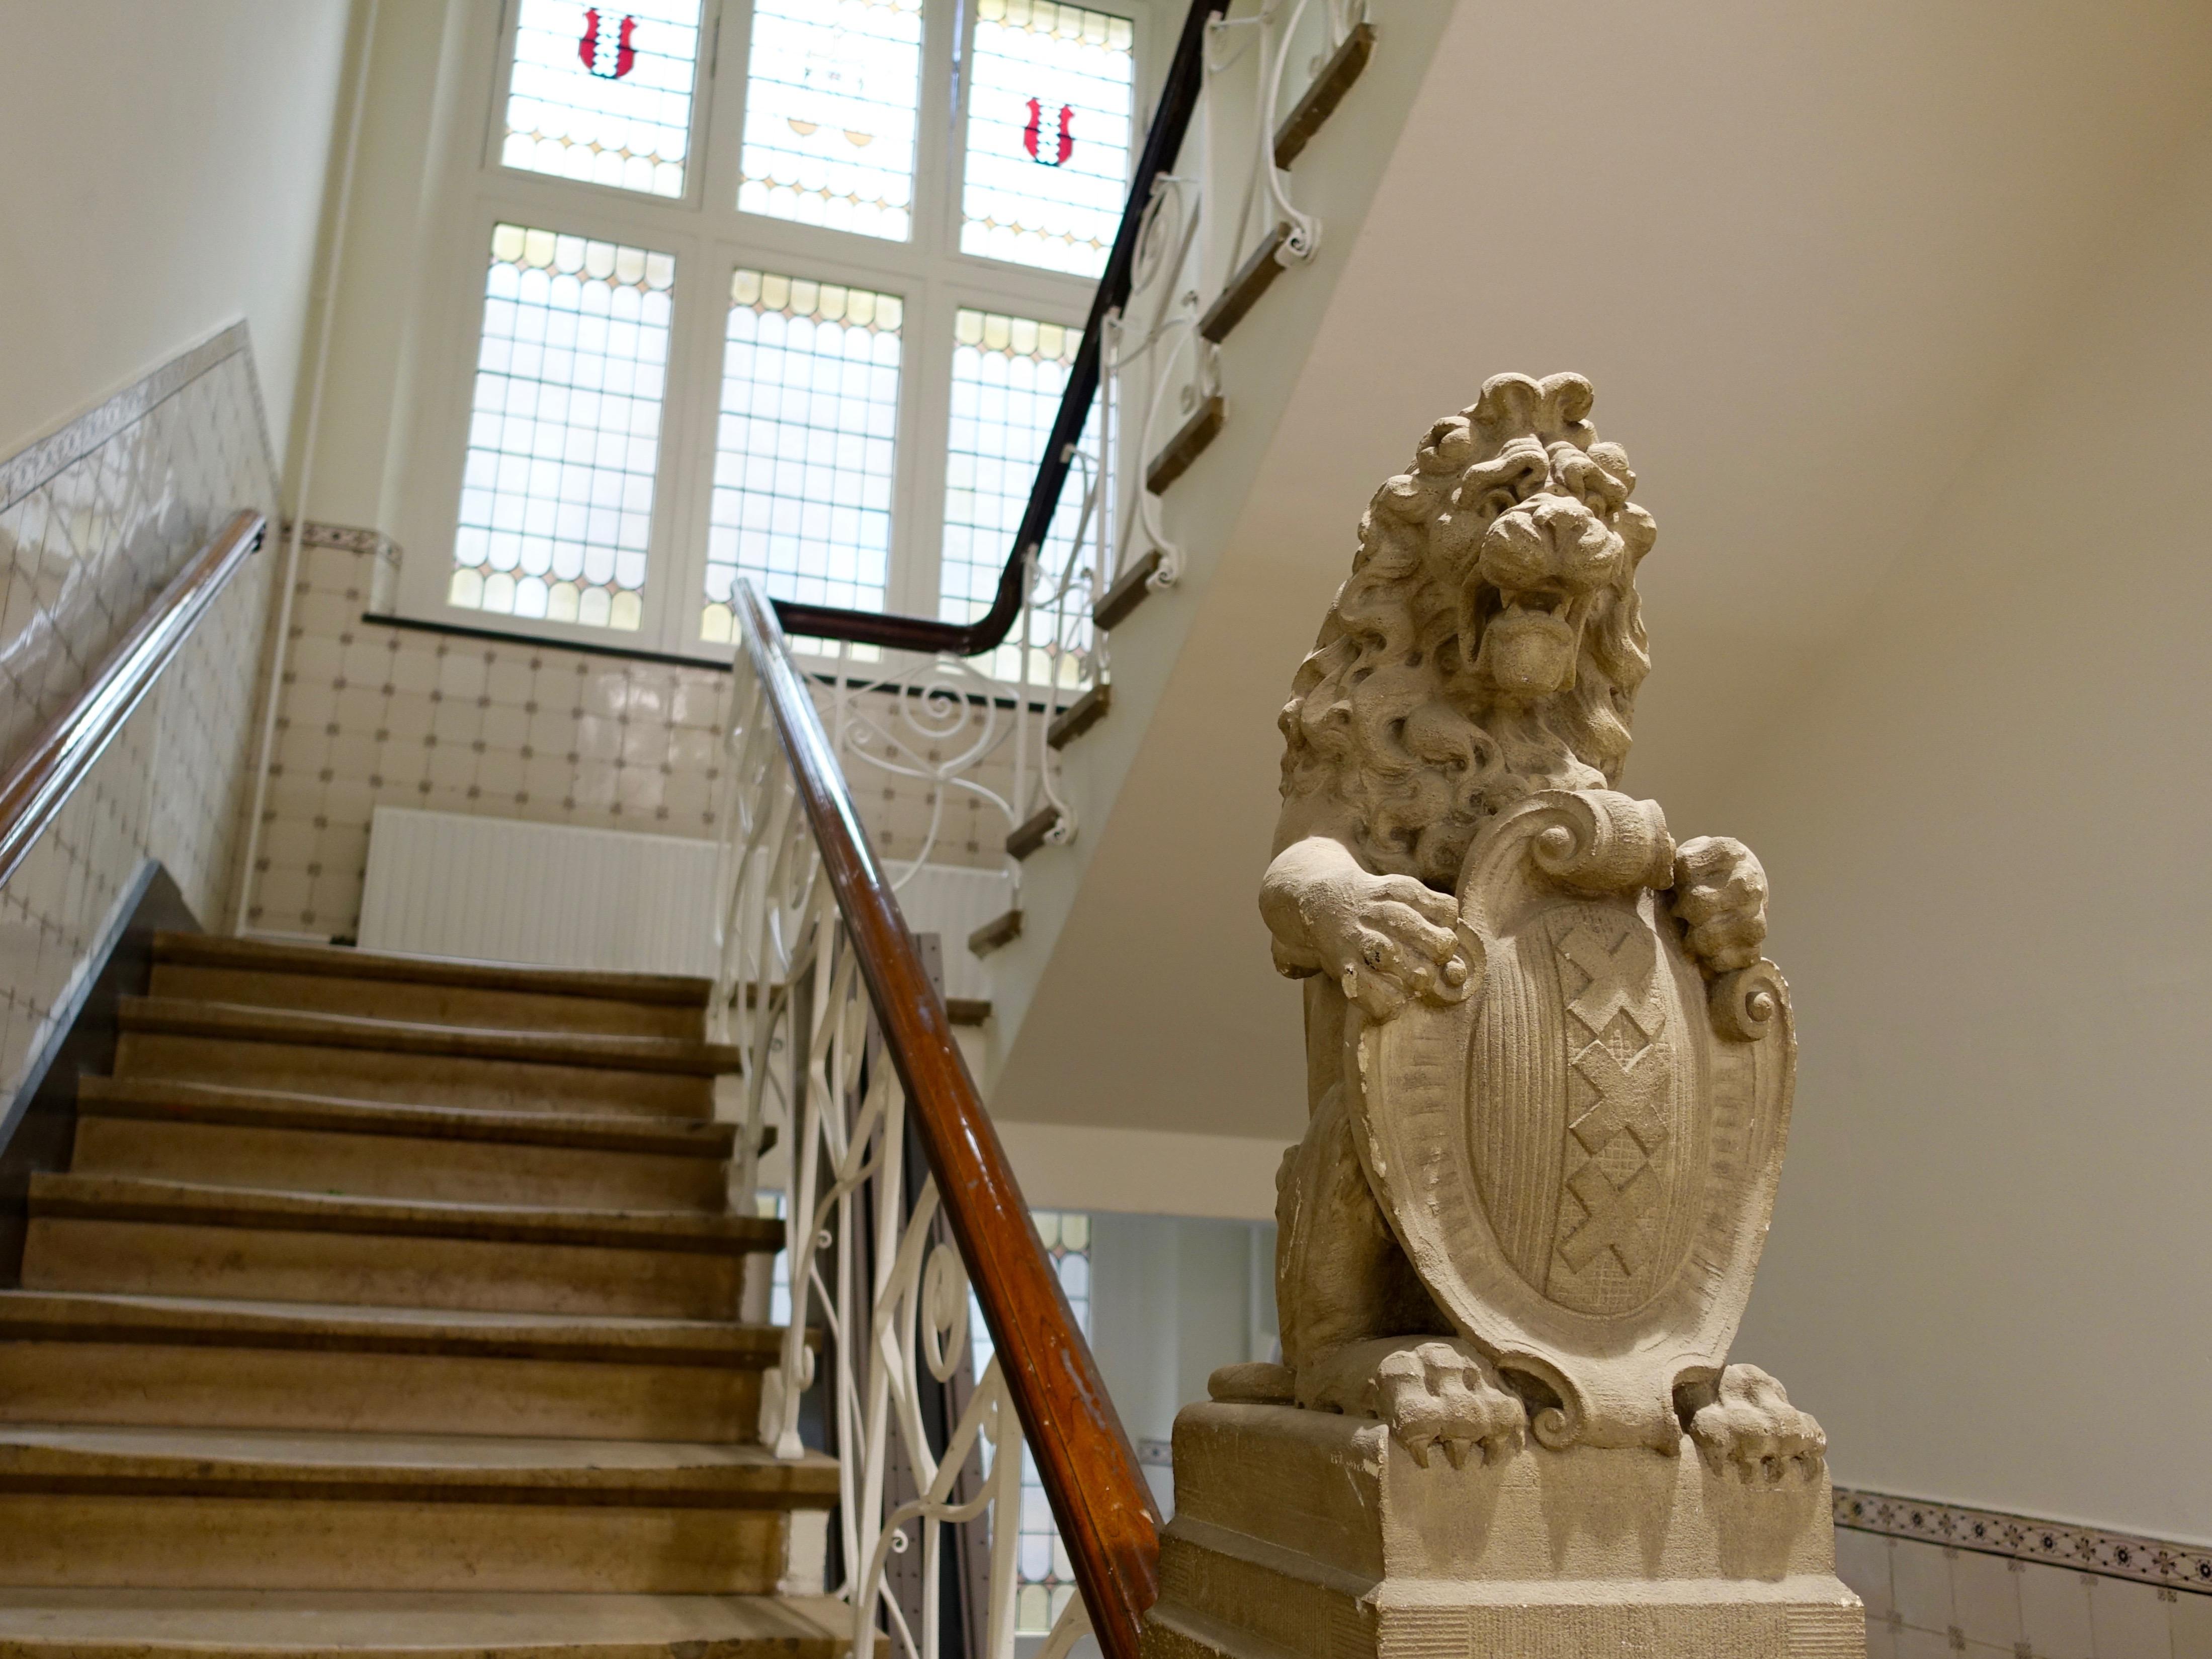 Hoofdkantoor Koninklijke Nederlandse Akademie van Wetenschappen (KNAW), Amsterdam